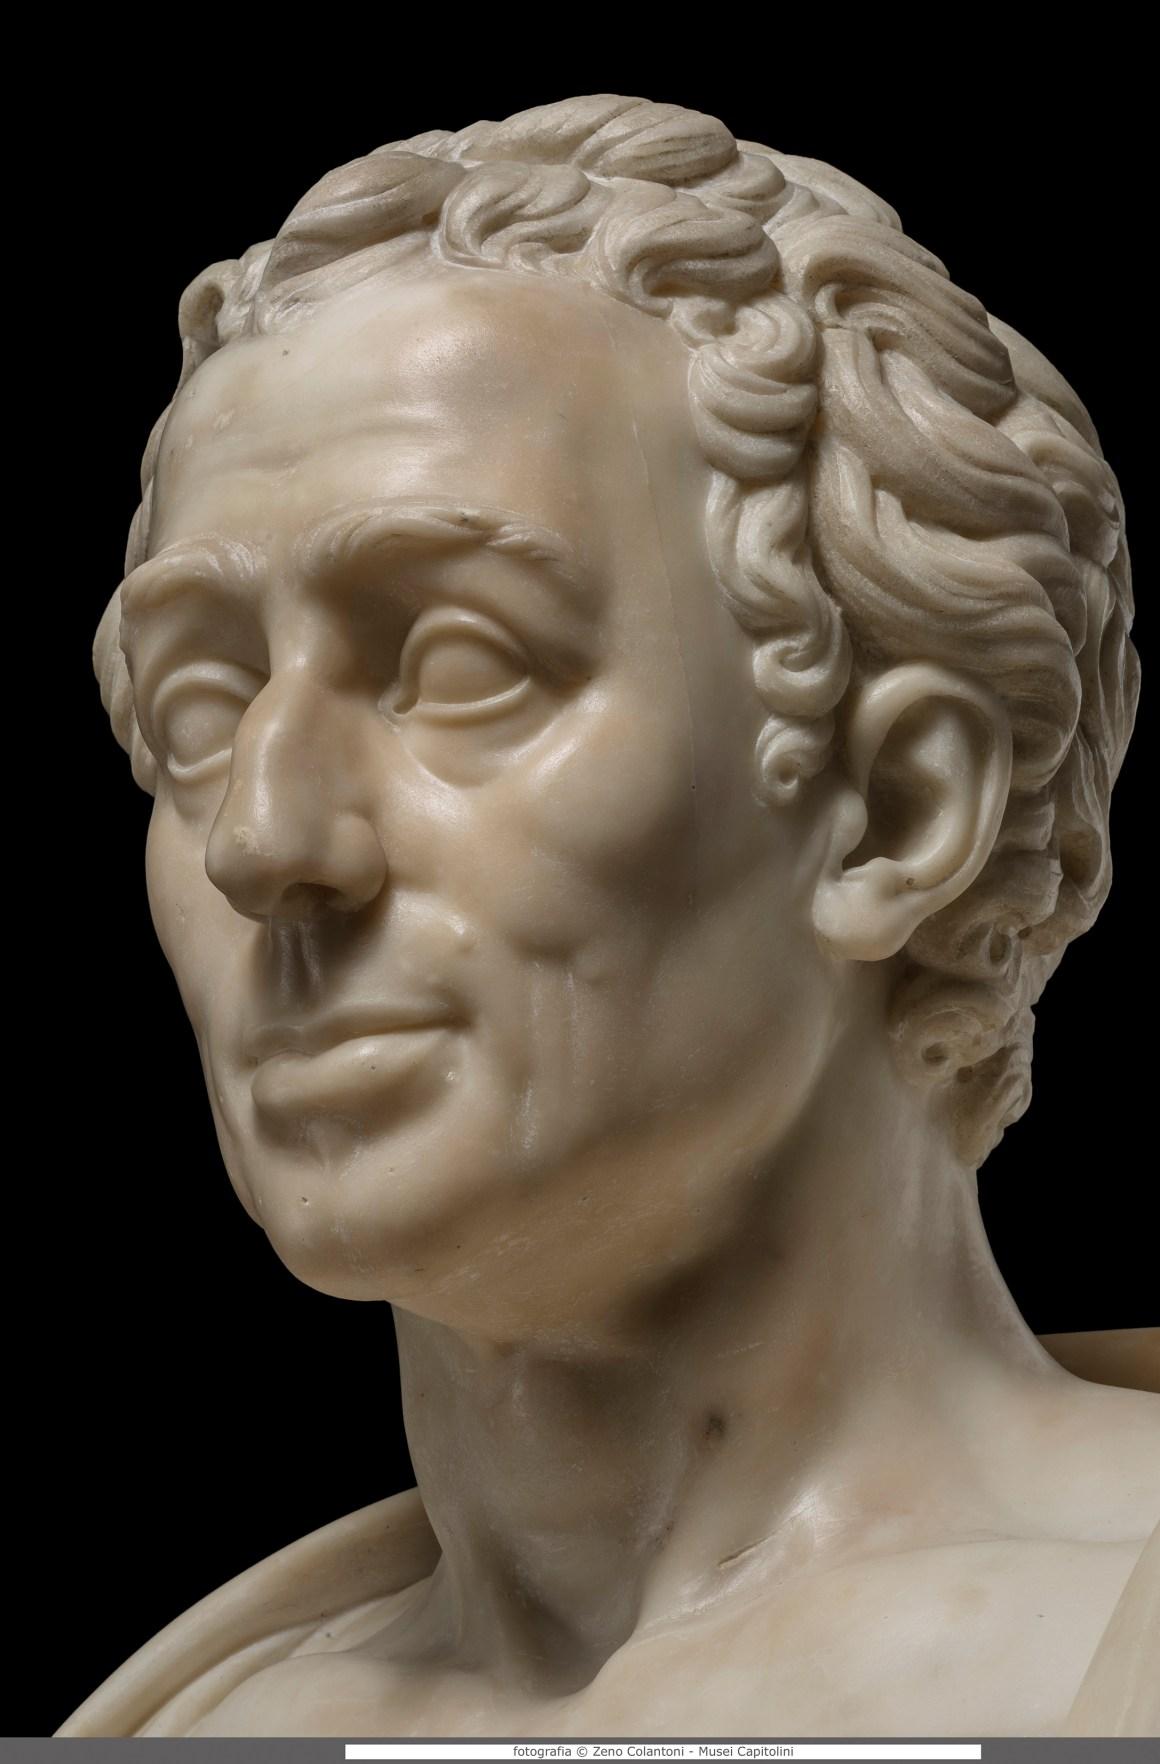 F.G. Doell, Winckelmann, 1782, Musei Capitolini, Protomoteca inv. Pro 47 Foto di Zeno Colantoni, Winckelmann Tesori di Antichità Roma